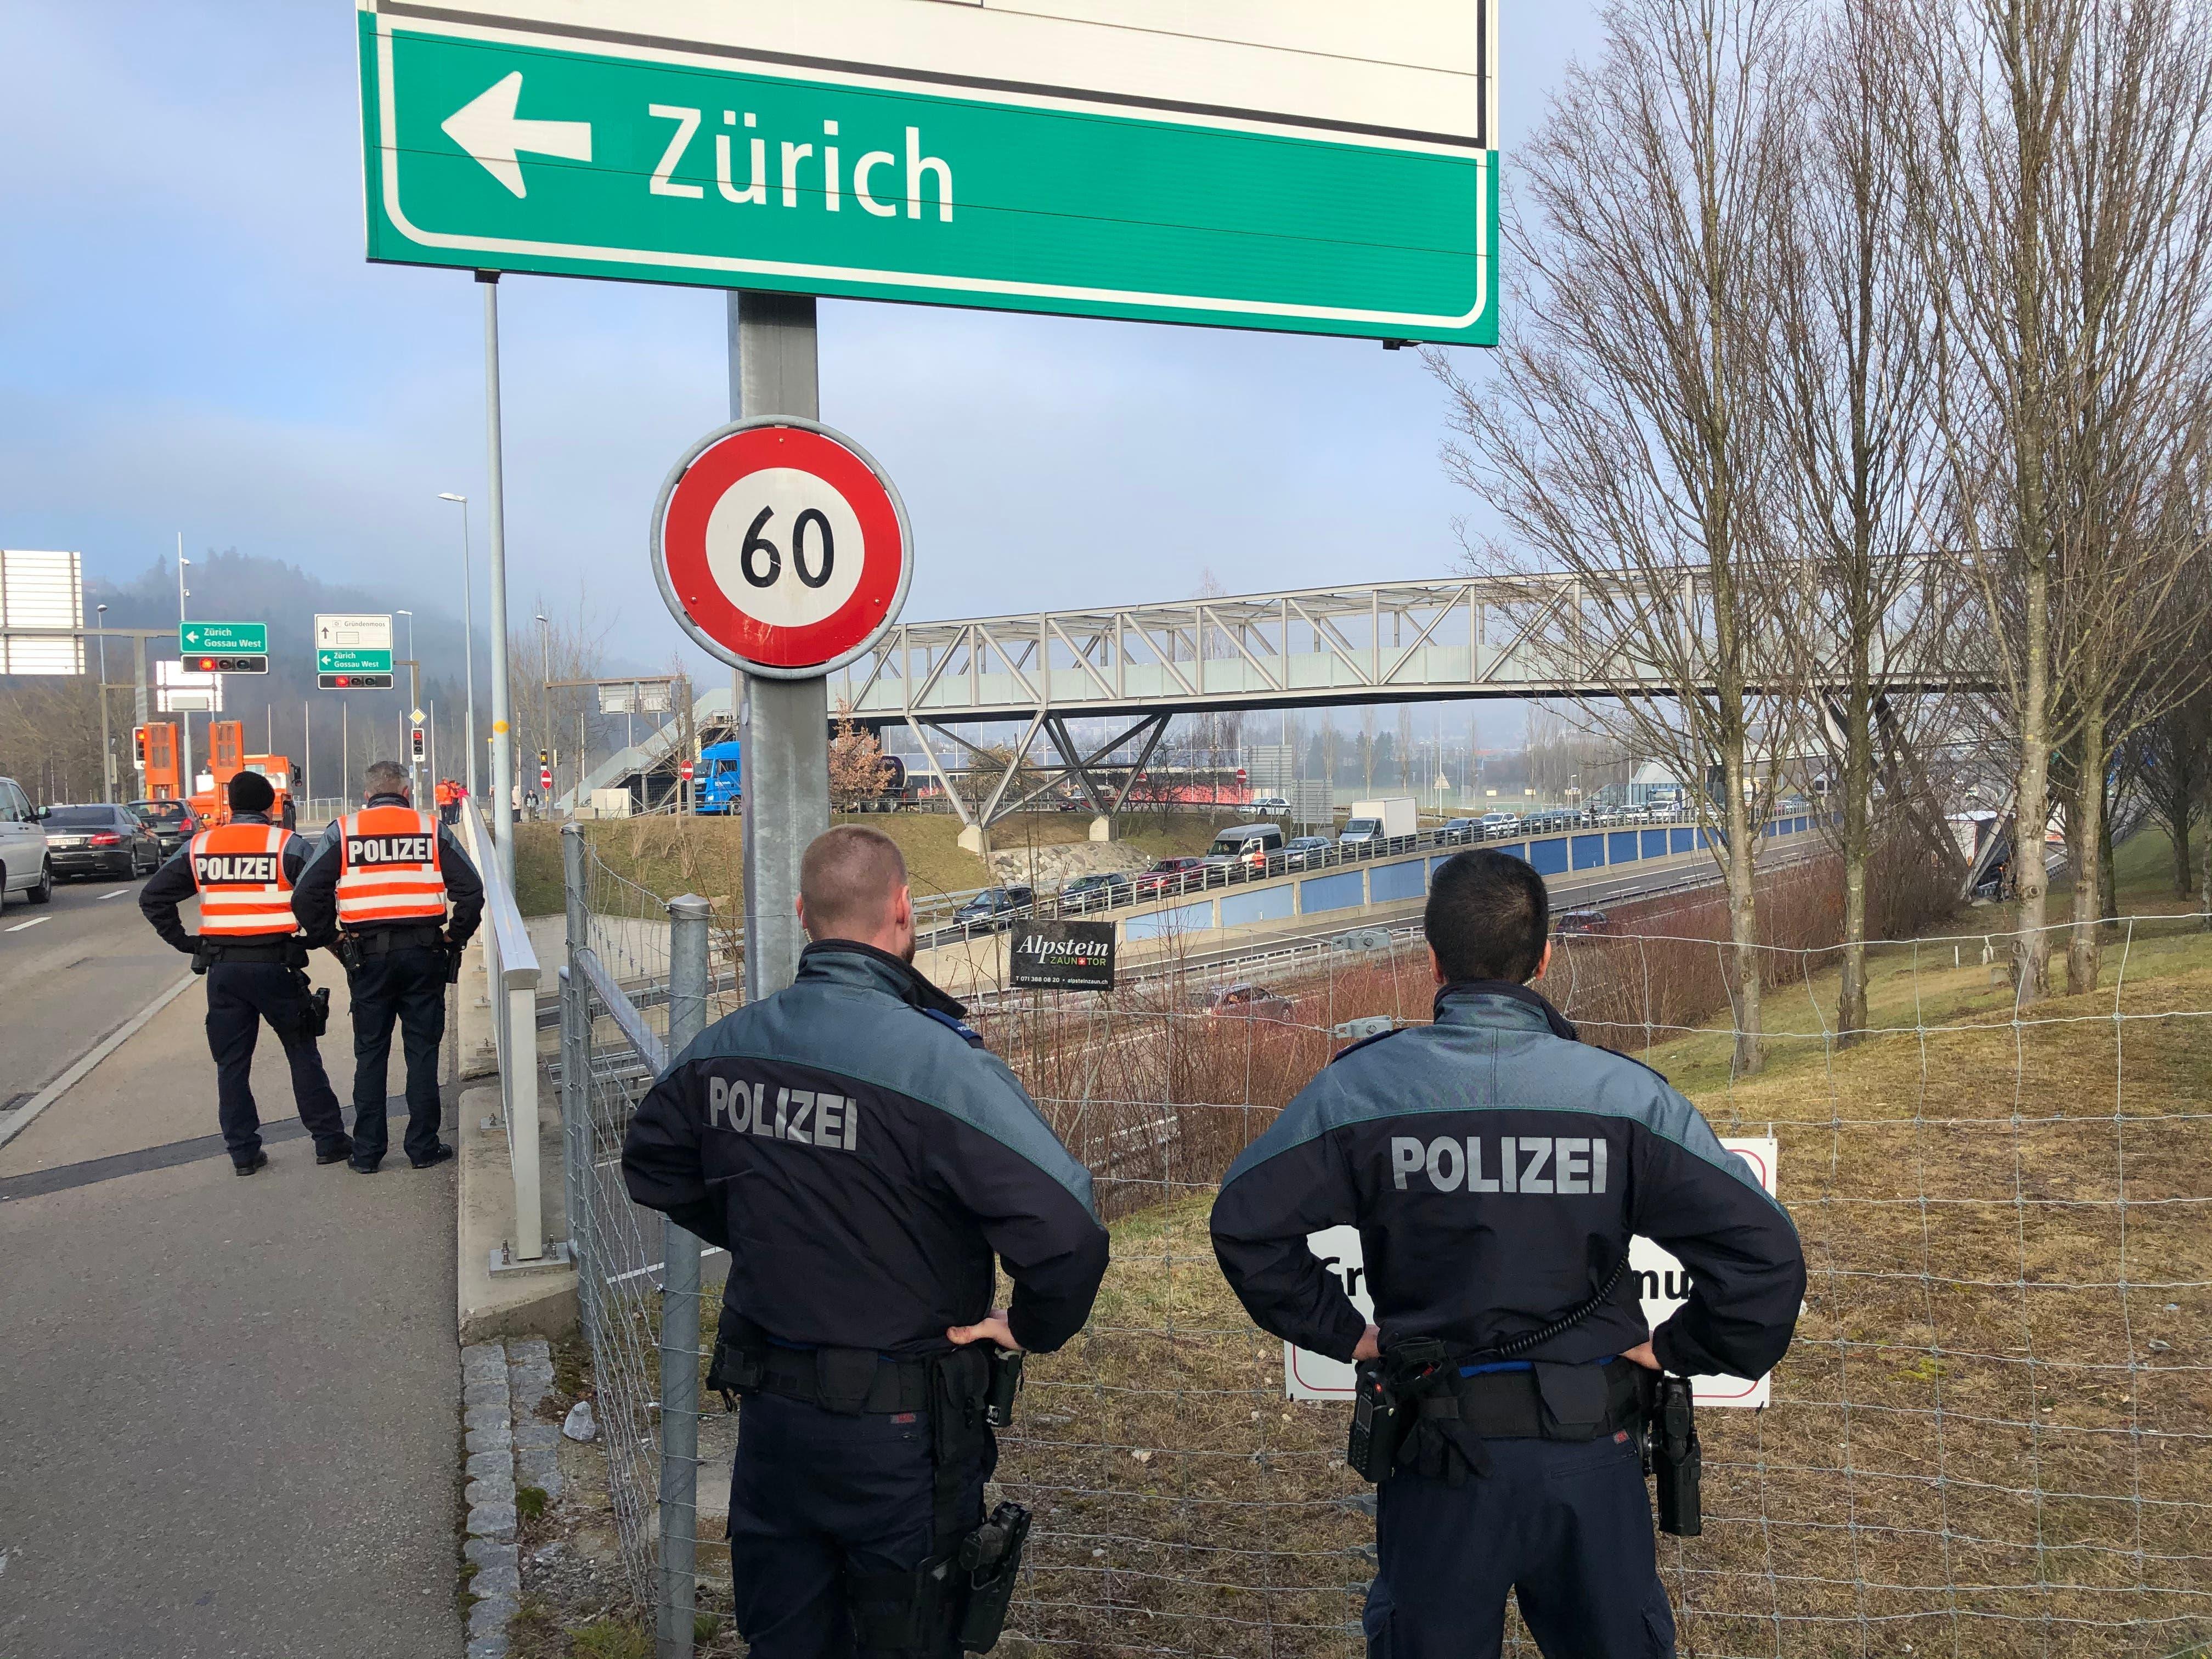 Donald Trump war nicht der einzige VIP: Wie die Kantonspolizei St.Gallen 250 Beamte für den US-Präsidenten abstellte und auch noch Prinz Charles eskortierte | St.Galler Tagblatt